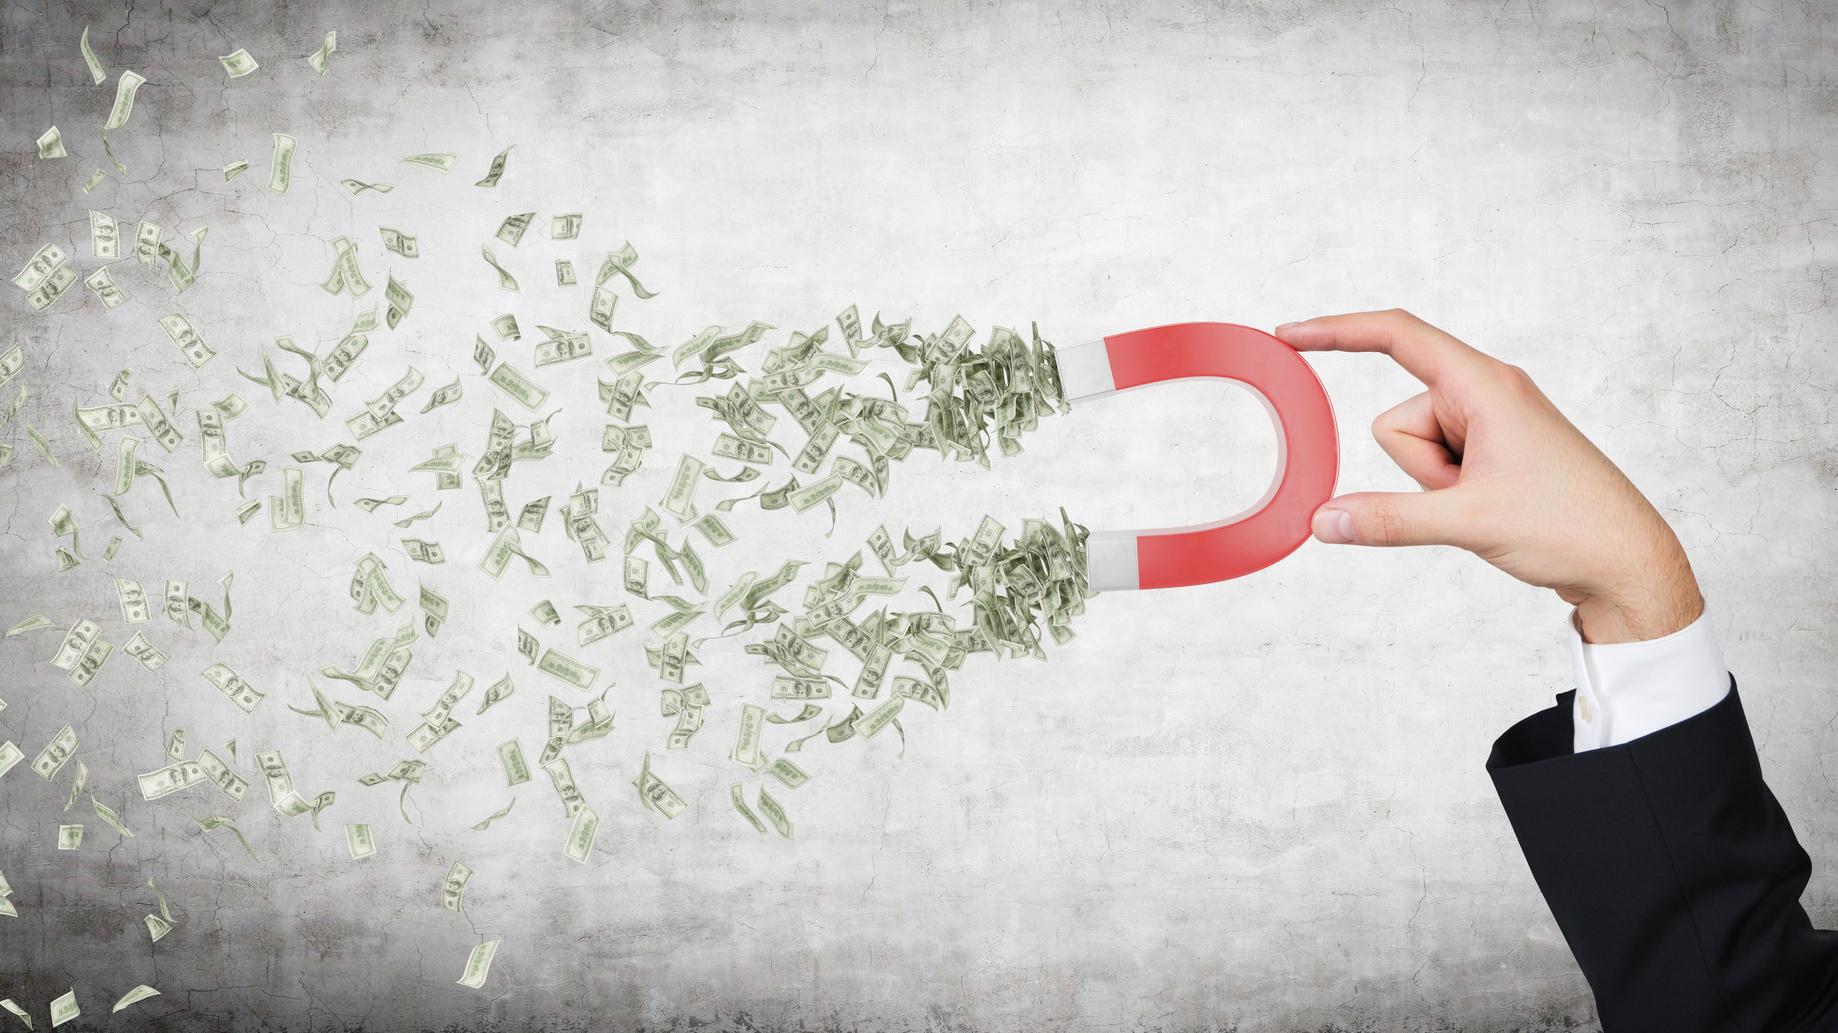 创投资讯∣曝链家新融资募集64亿,估值365.2亿